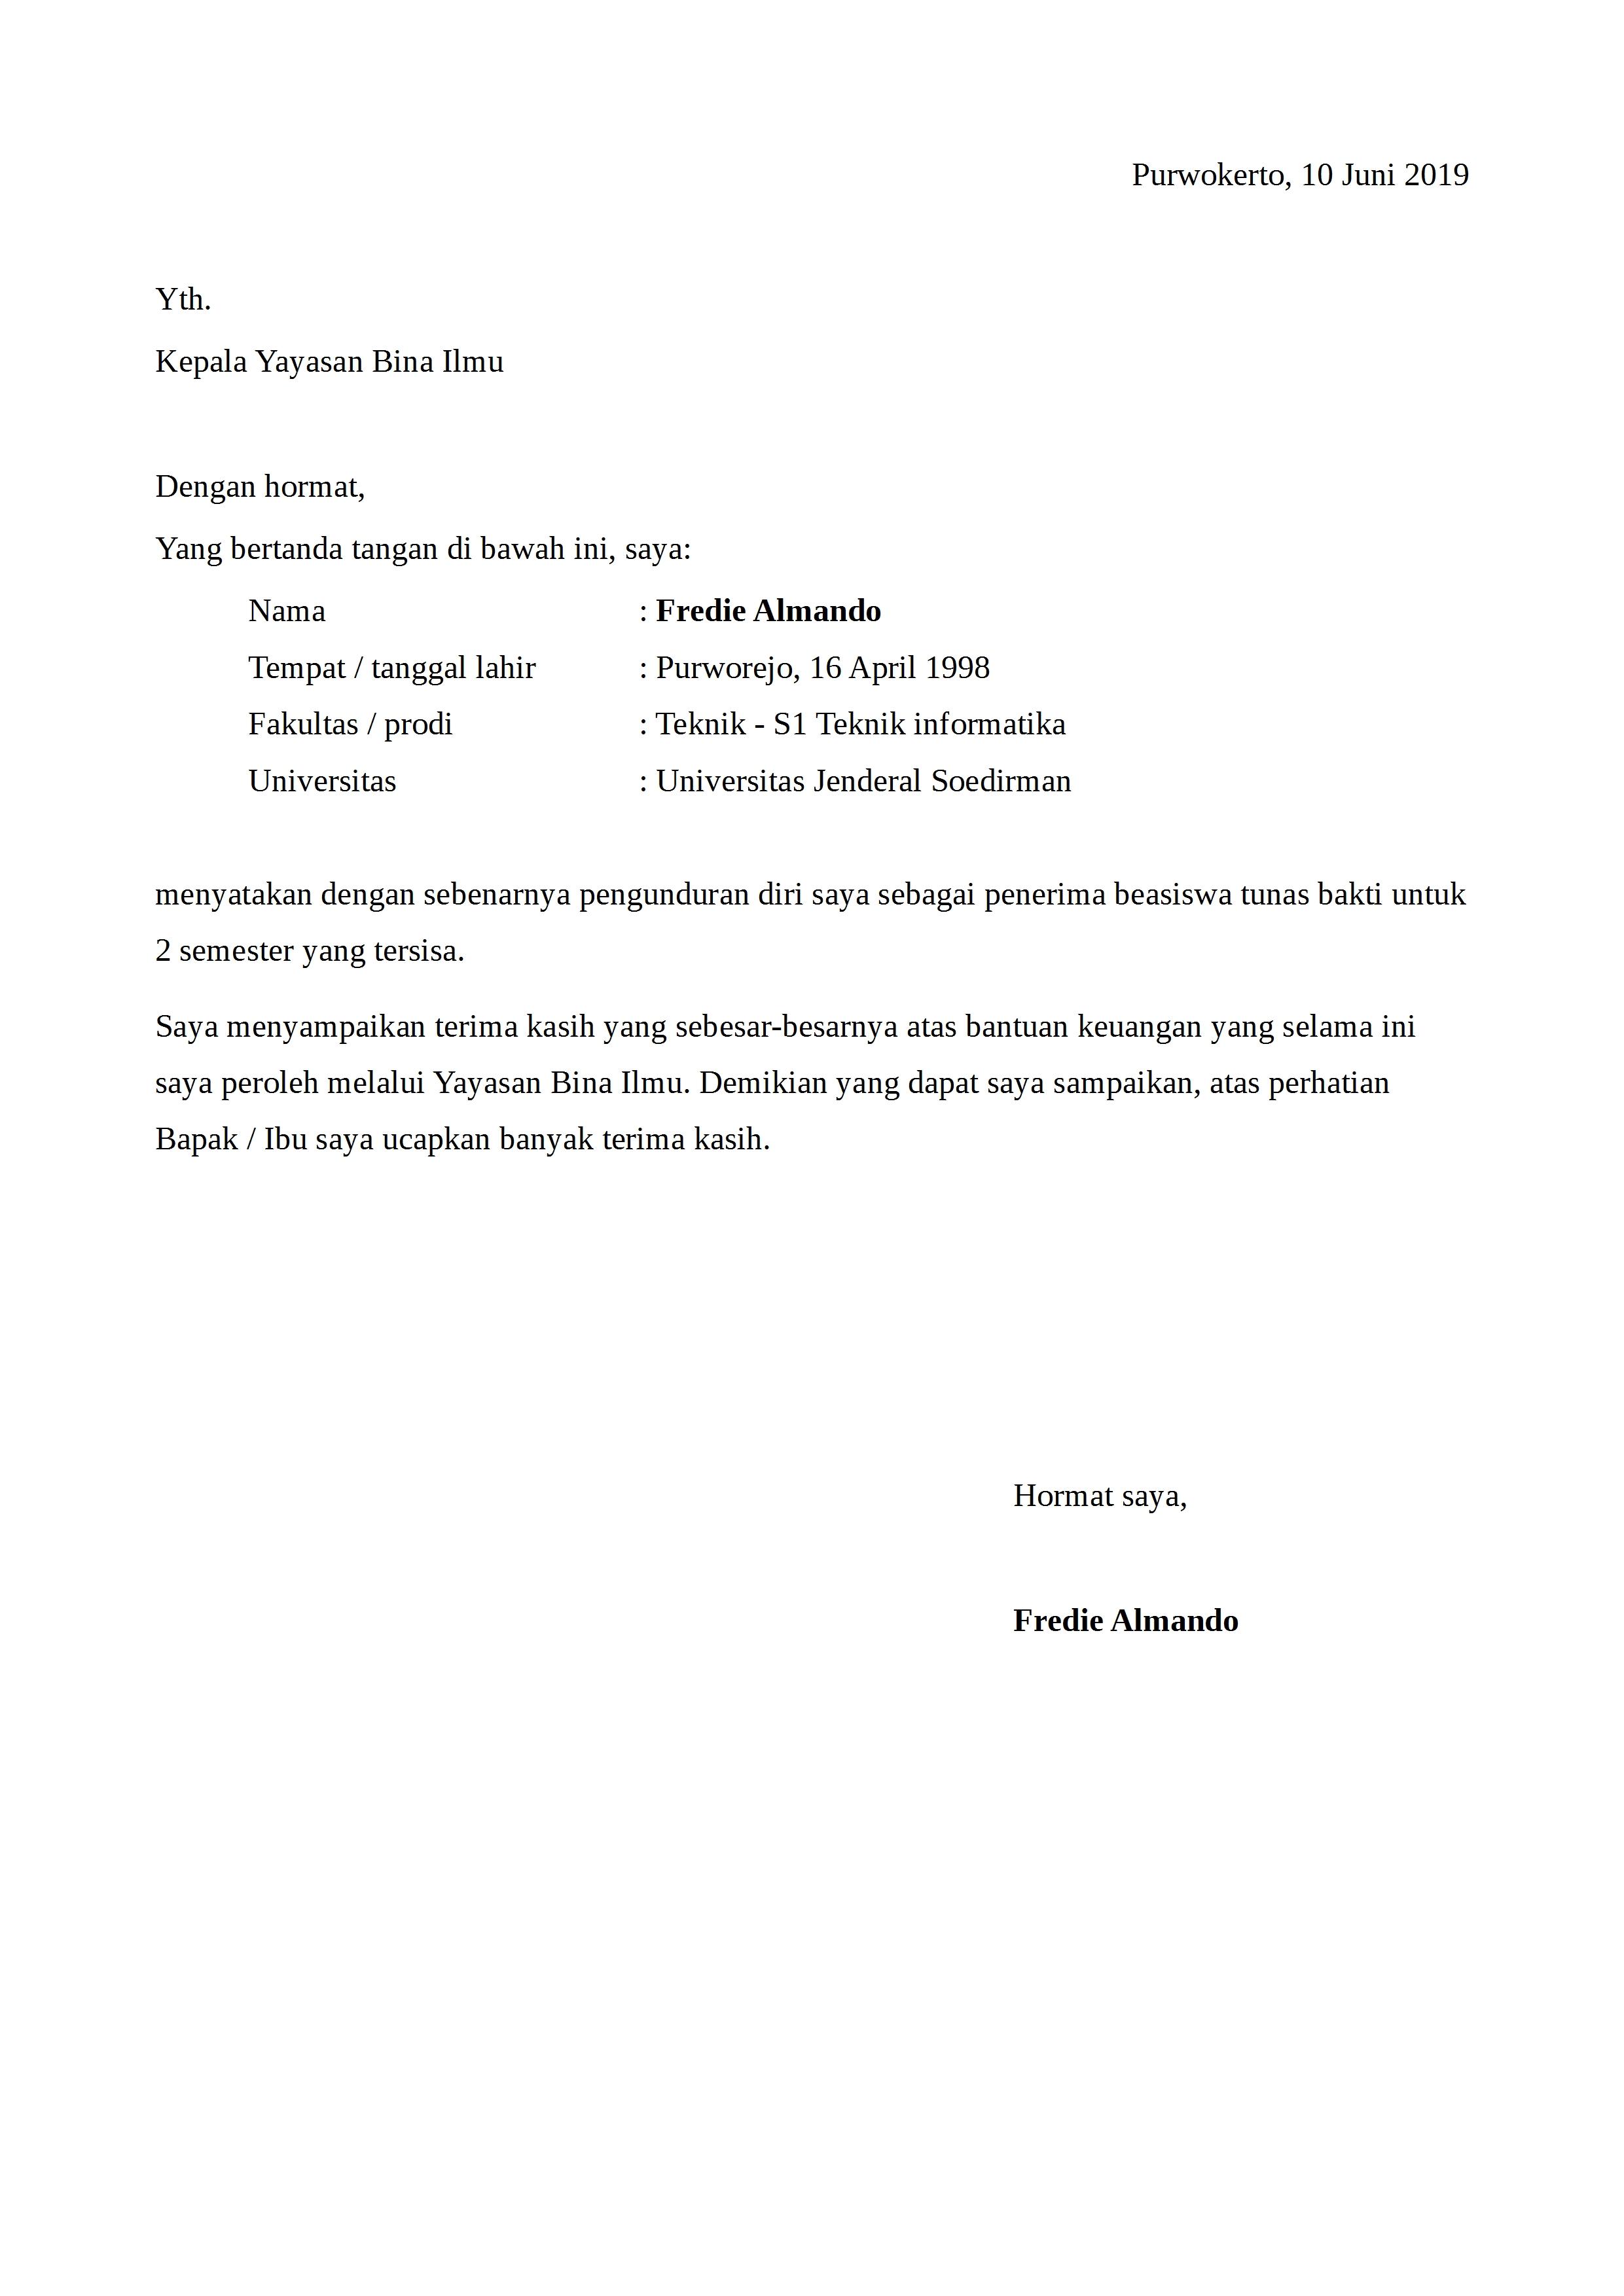 Contoh Surat Pengunduran Diri Dari Kuliah Dan Universitas ...